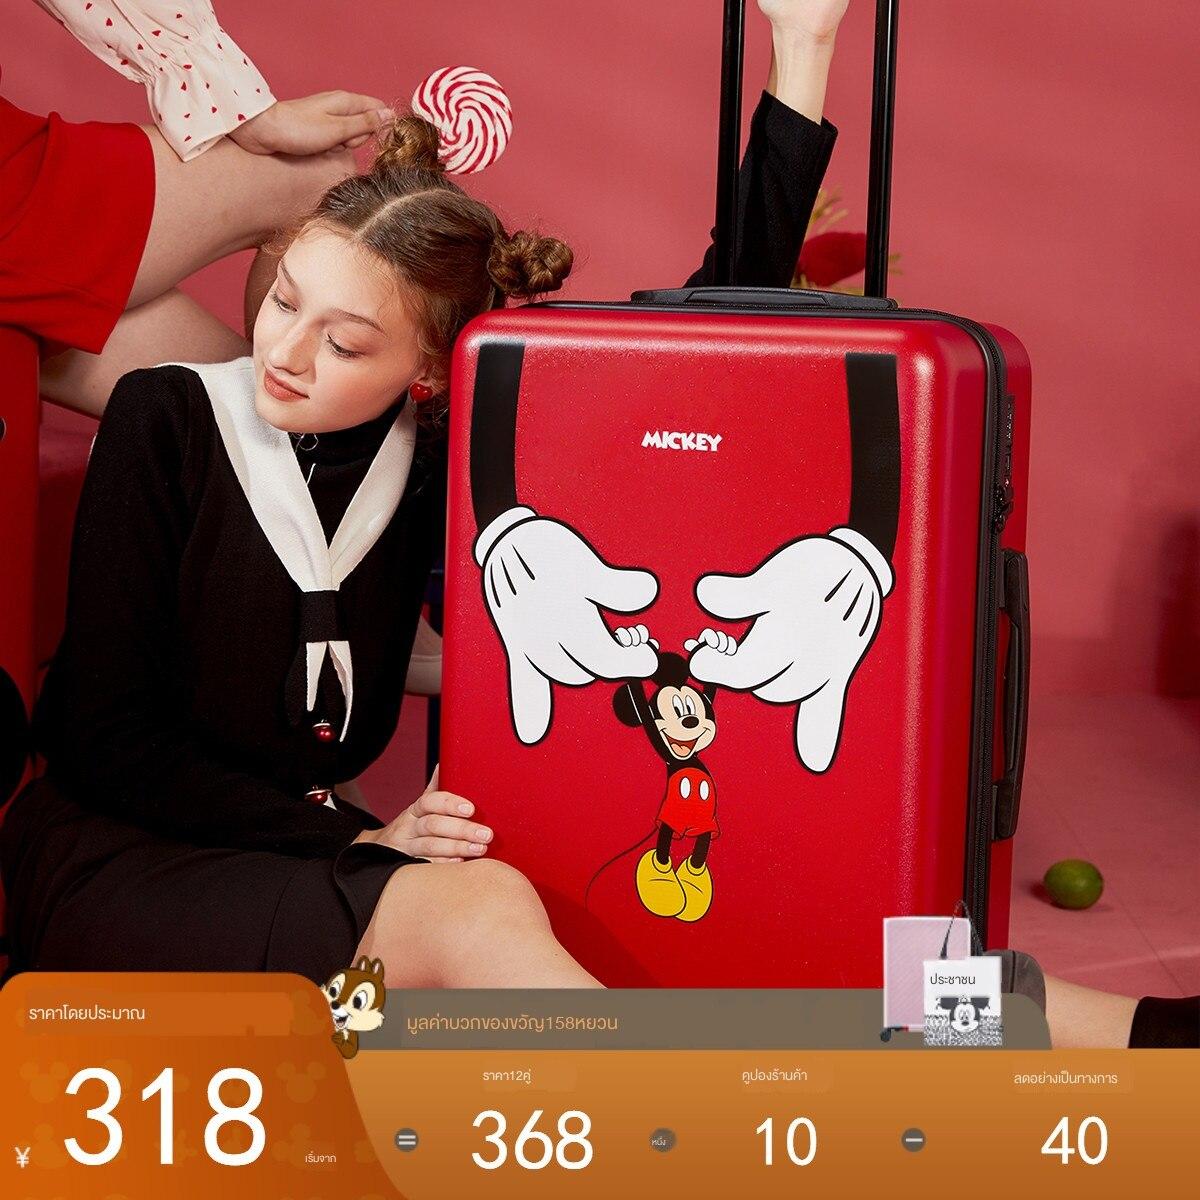 กระเป๋าเดินทางสำหรับเด็ก❣ไดอาน่าไดอาน่า❣[Weiyaแนะนำ] Weimei Disney 20นิ้วกระเป๋าเดินทางผู้หญิงกรณีรถเข็น24นิ้วเด็กกระเป๋